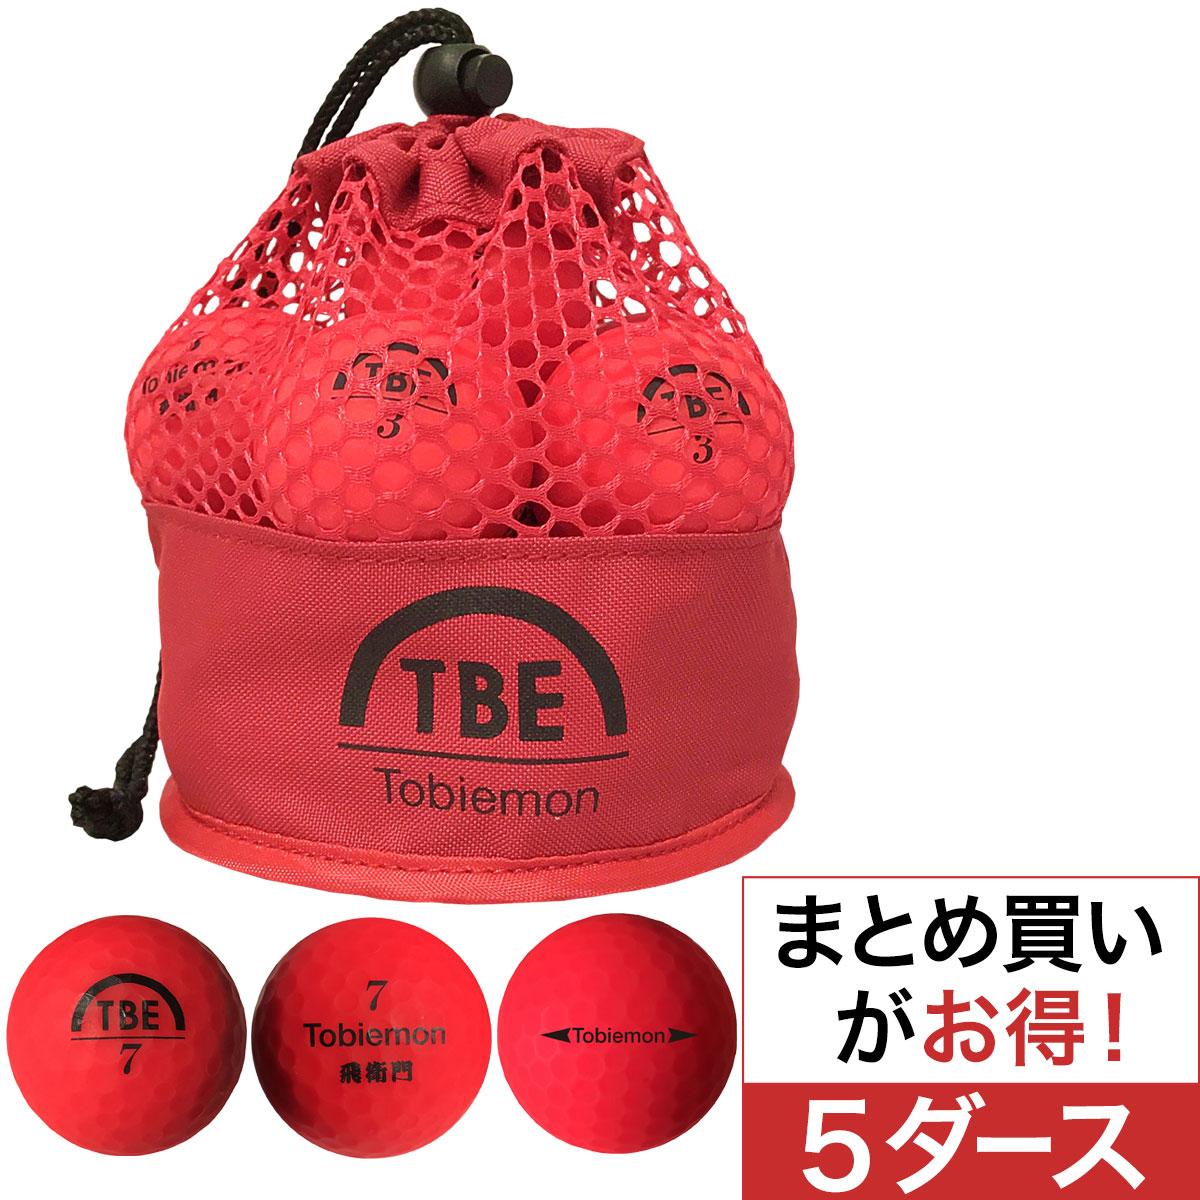 T-MRE メッシュバッグ入り ボール 蛍光マットレッド 5ダースセット